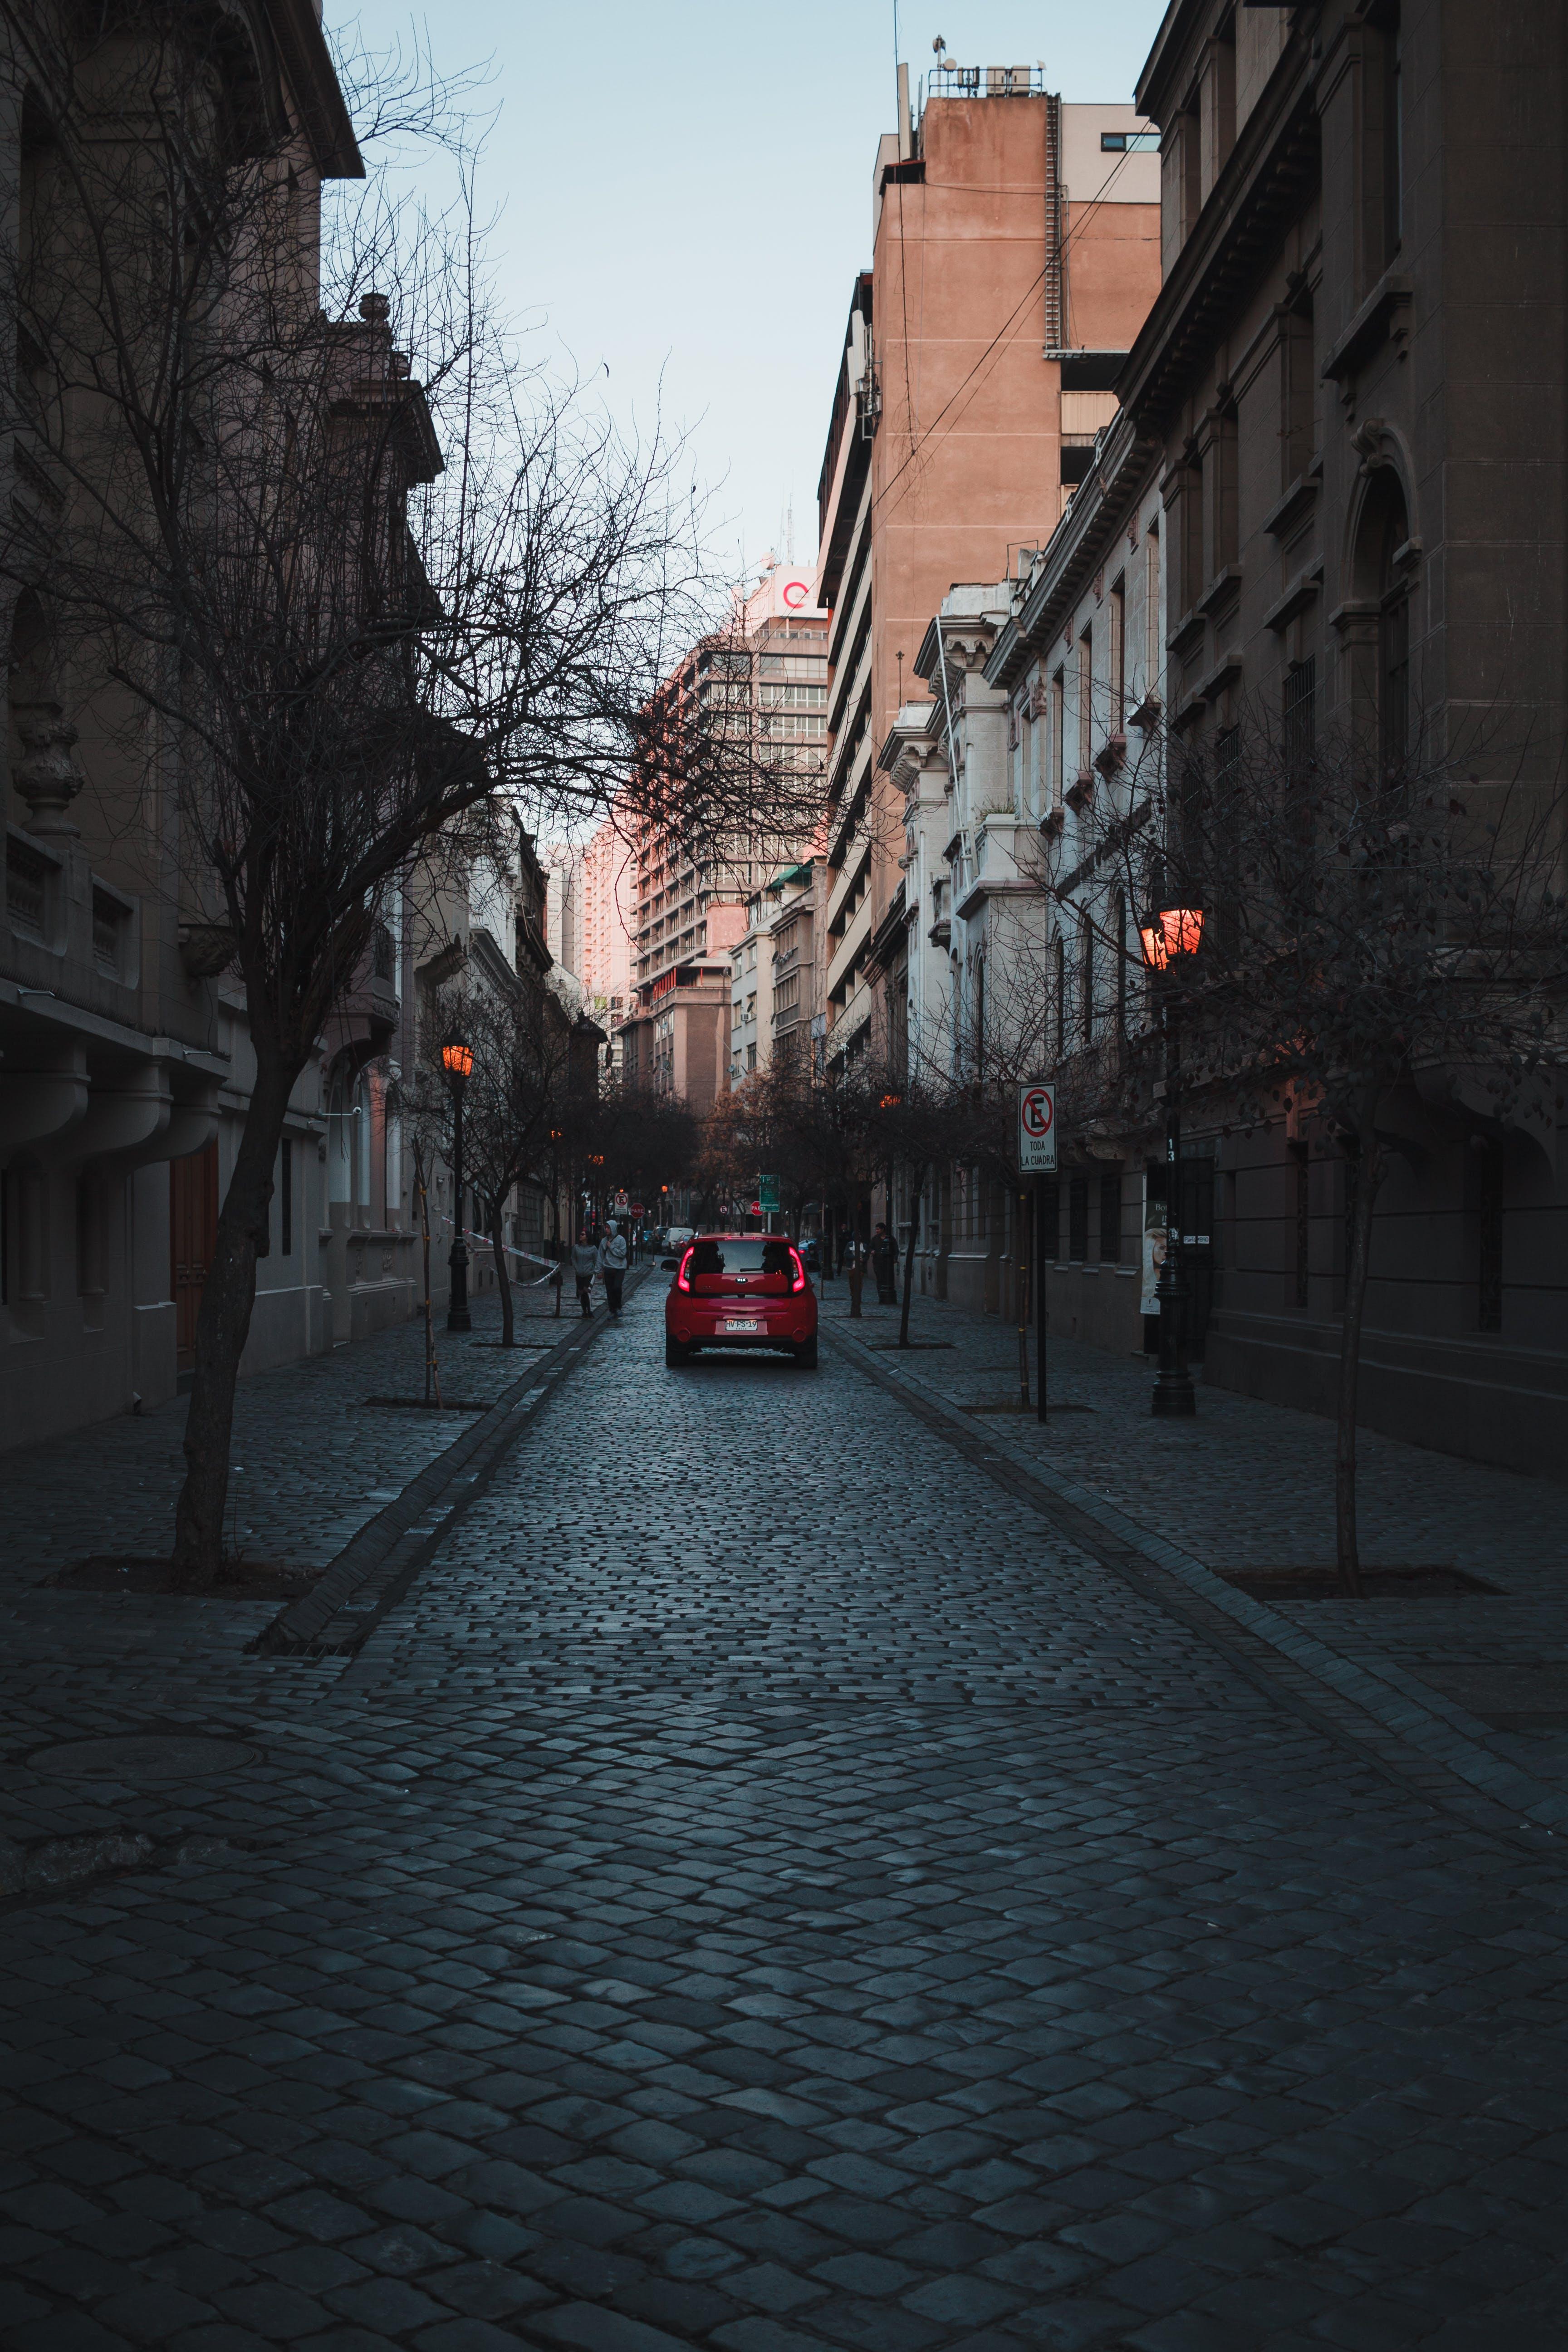 城市, 城鎮, 建築, 街 的 免费素材照片